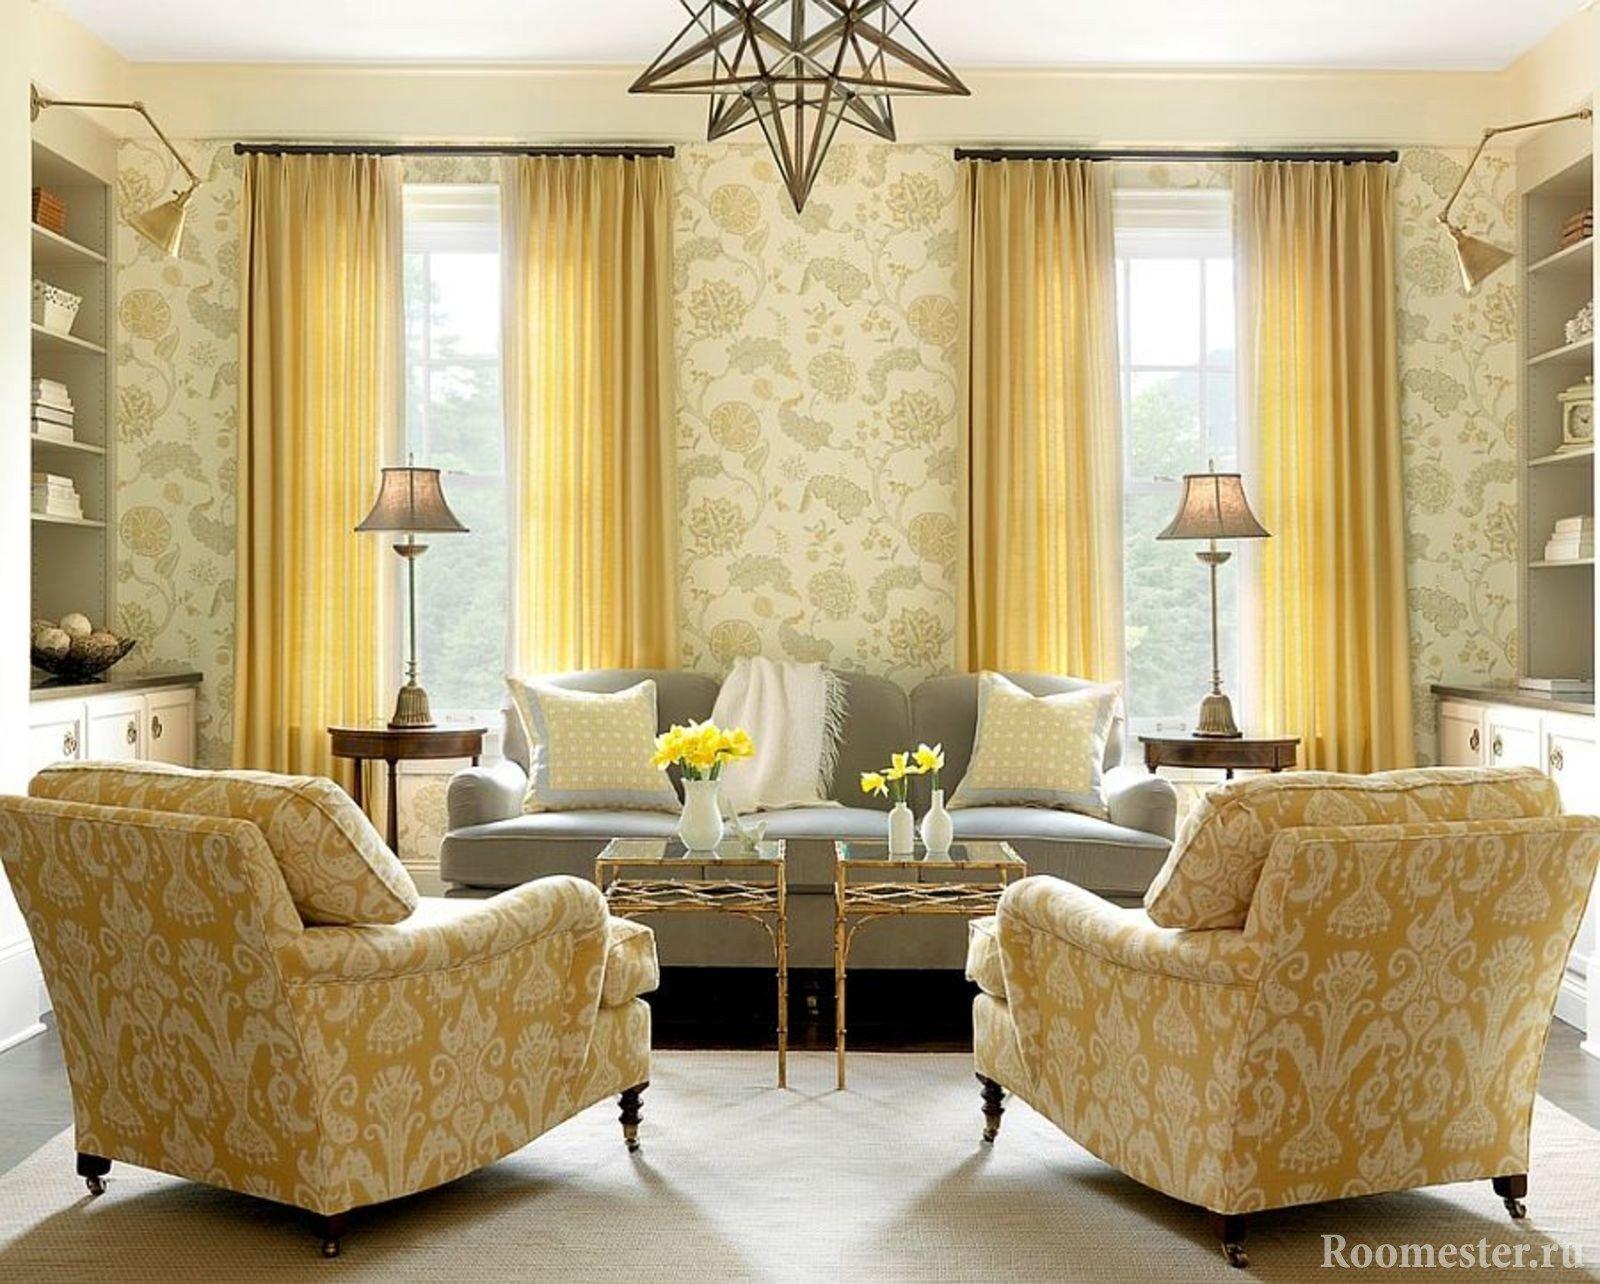 Комбинация из обоев и мебели в гостиной